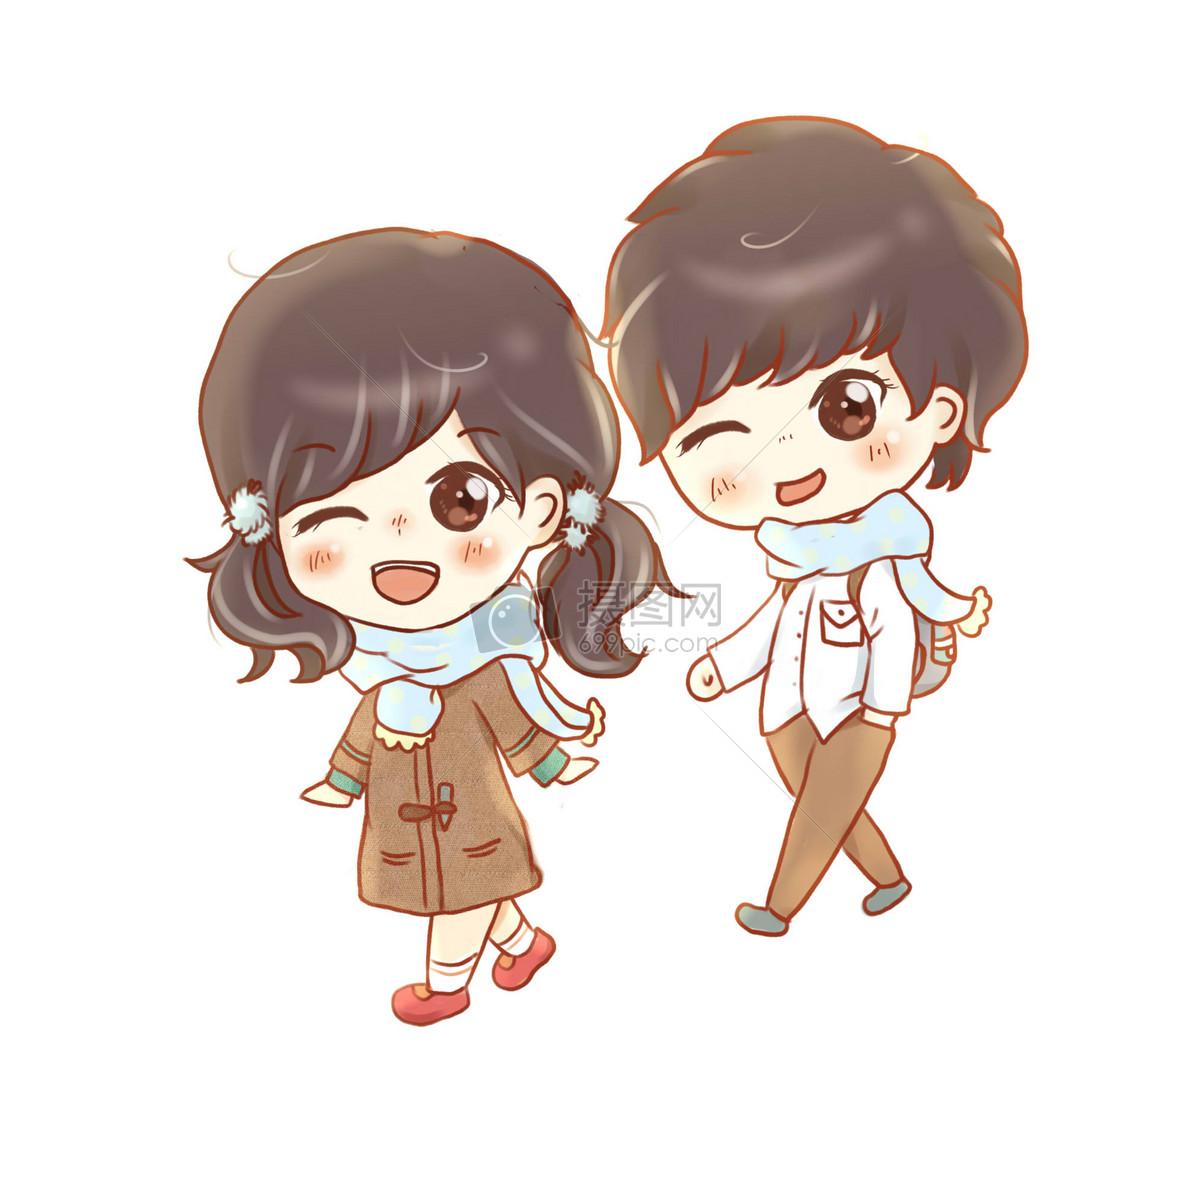 卡通头像手绘手绘七夕情人节可爱情侣插画图片手绘七夕情人节可爱情侣